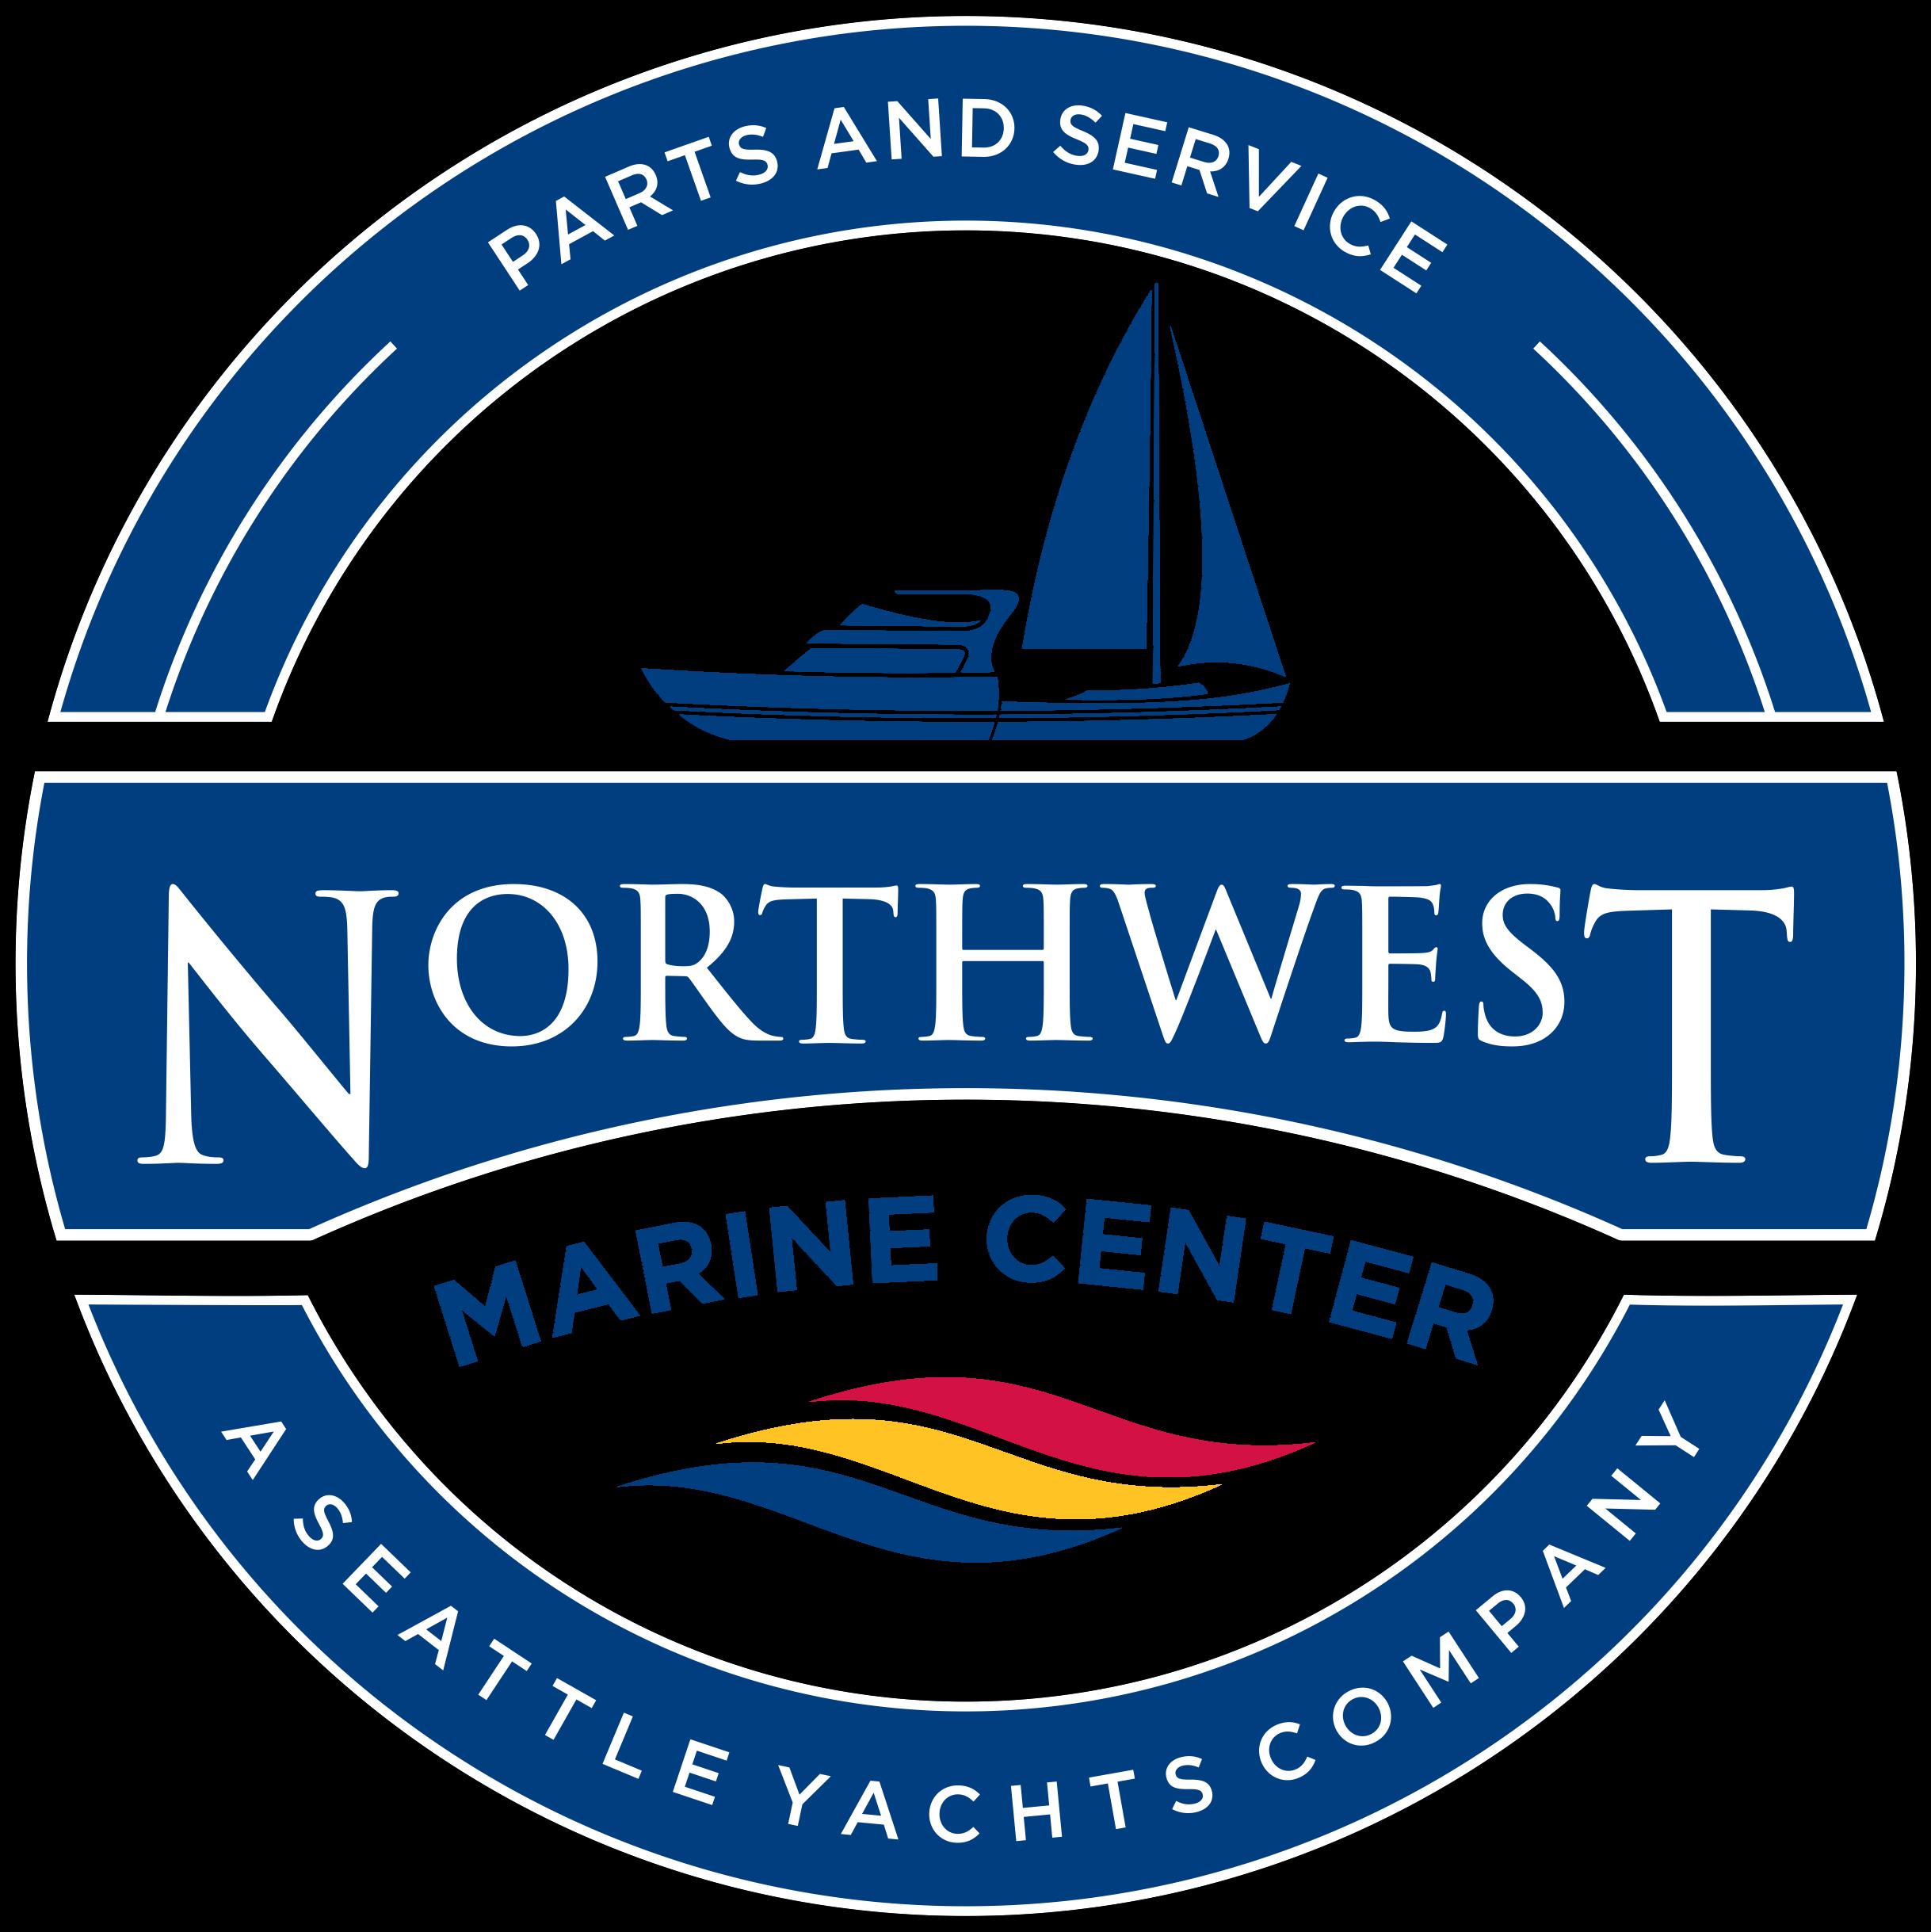 Northwest Marine Center